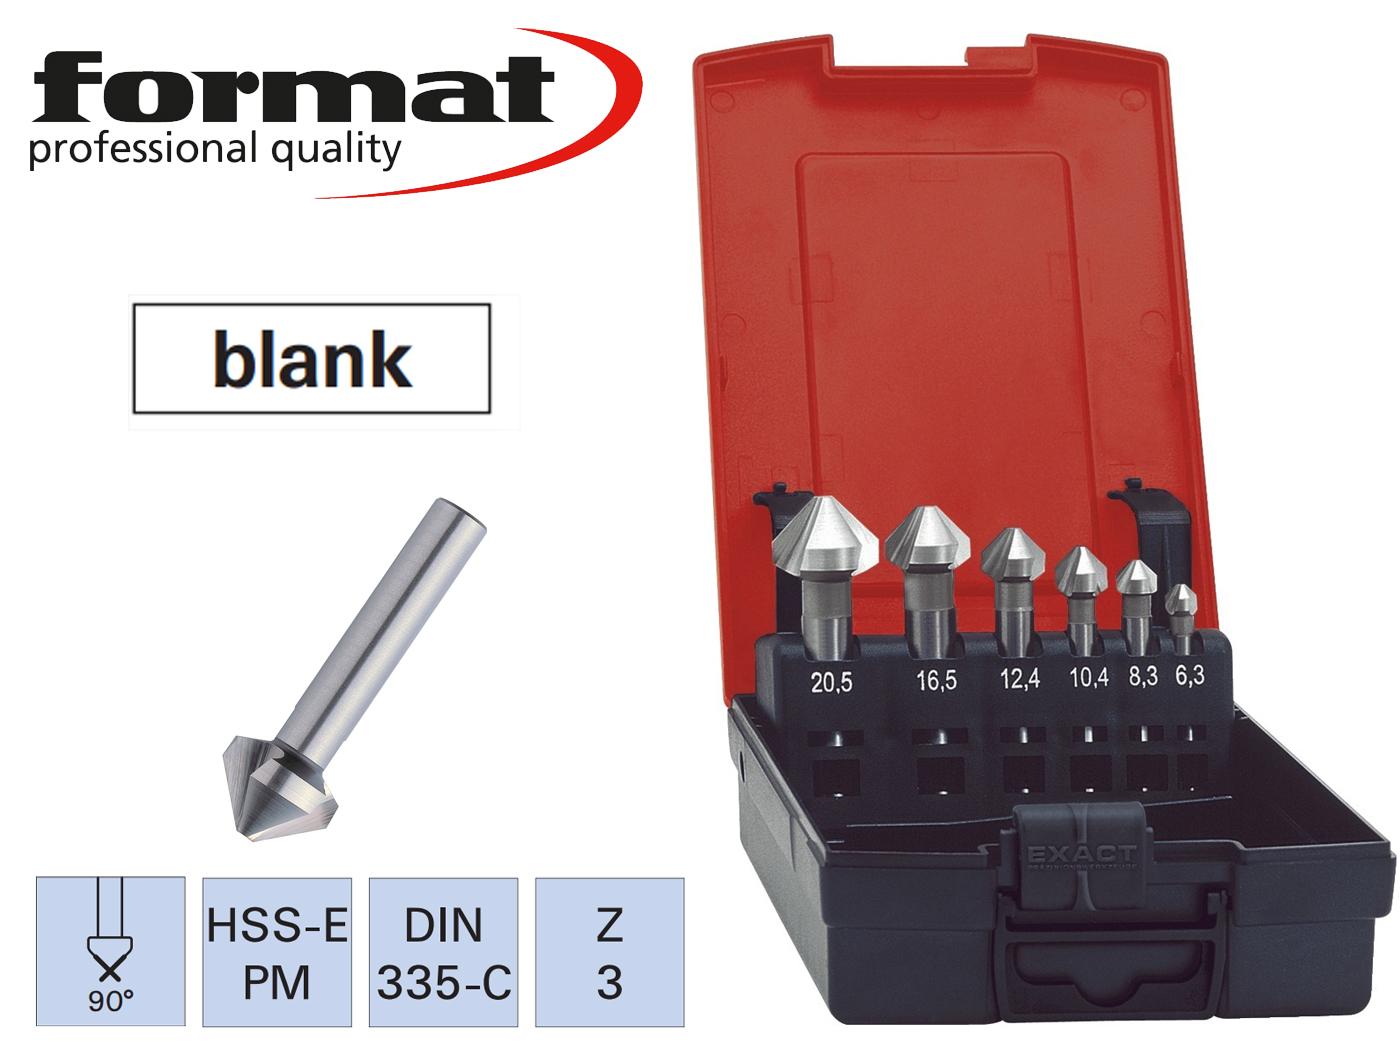 verzinkboor set DIN 335C HSSE PM 90G FORMAT | DKMTools - DKM Tools